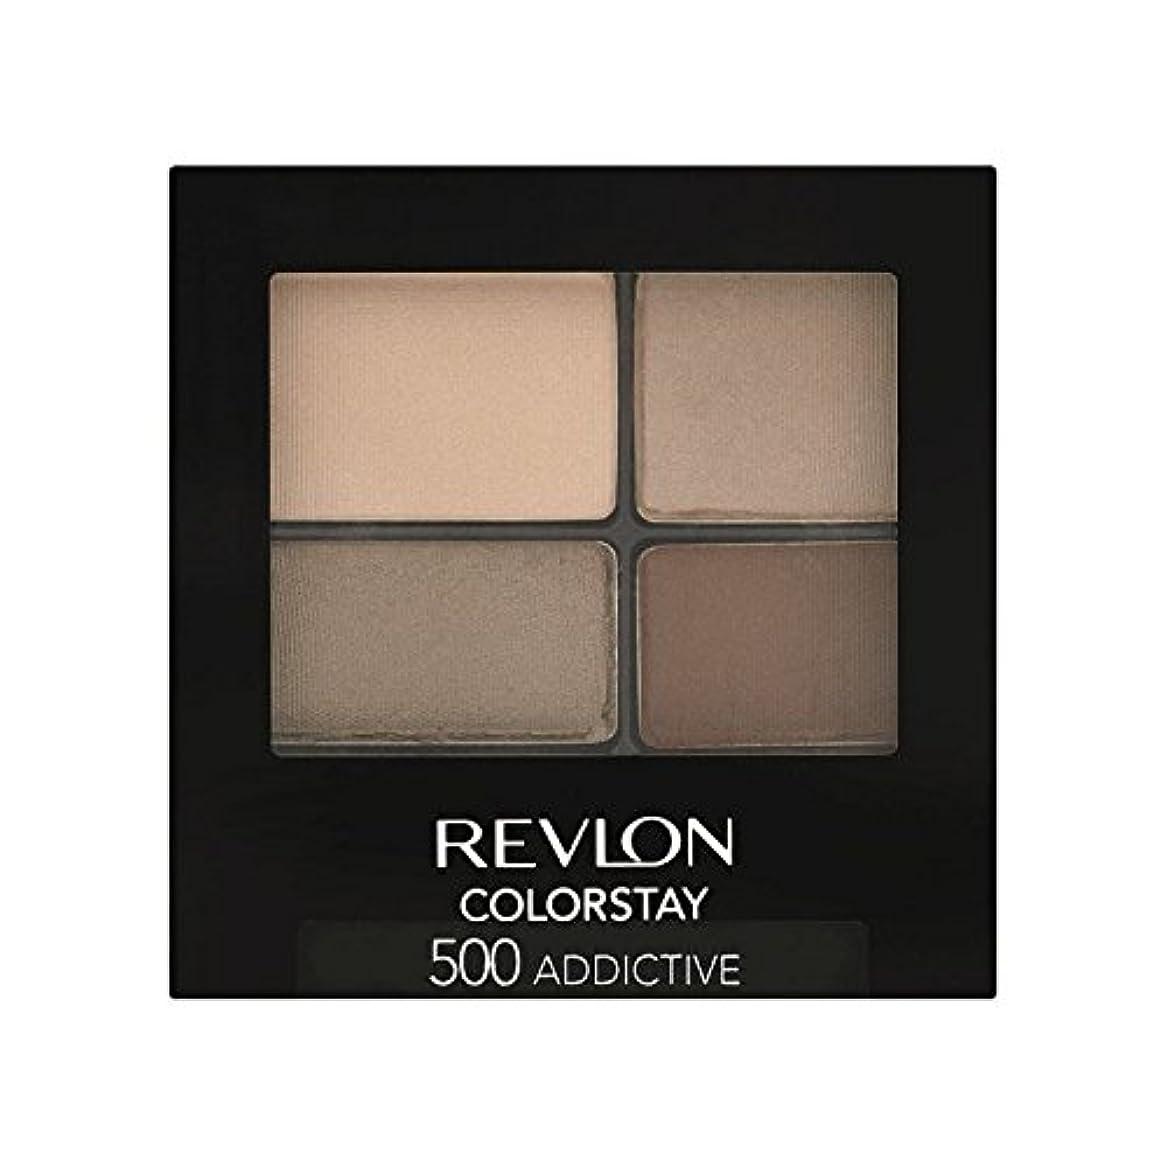 出版排泄する石化する500中毒性のレブロン 16時間のアイシャドウ x2 - Revlon Colorstay 16 Hour Eye Shadow Addictive 500 (Pack of 2) [並行輸入品]